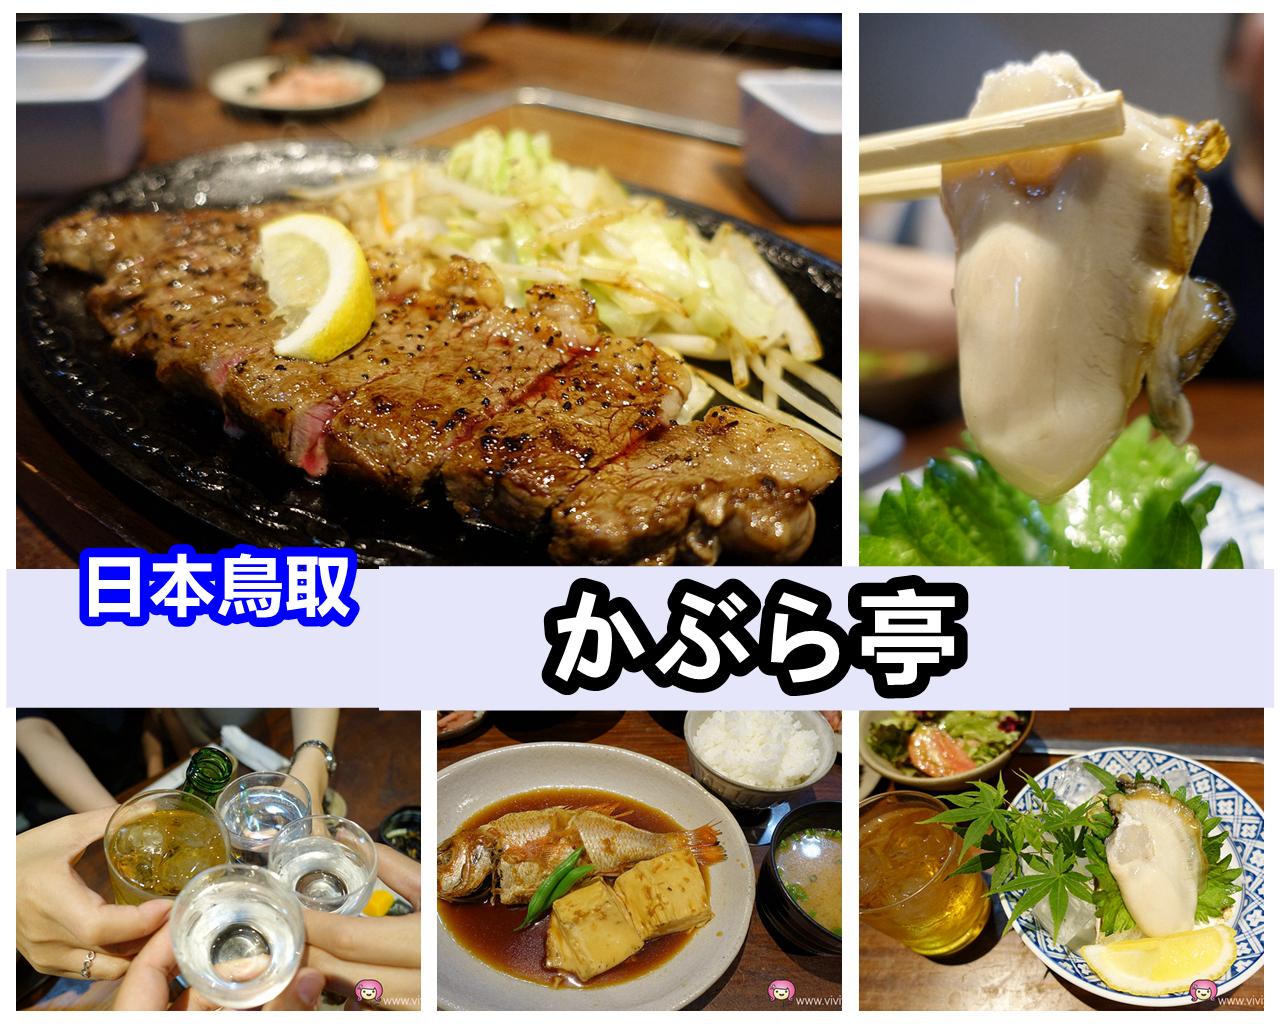 延伸閱讀:[鳥取美食]Kaburatei (かぶら亭).海鮮料理.會席料理~近鳥取車站旁.備有免費停車位